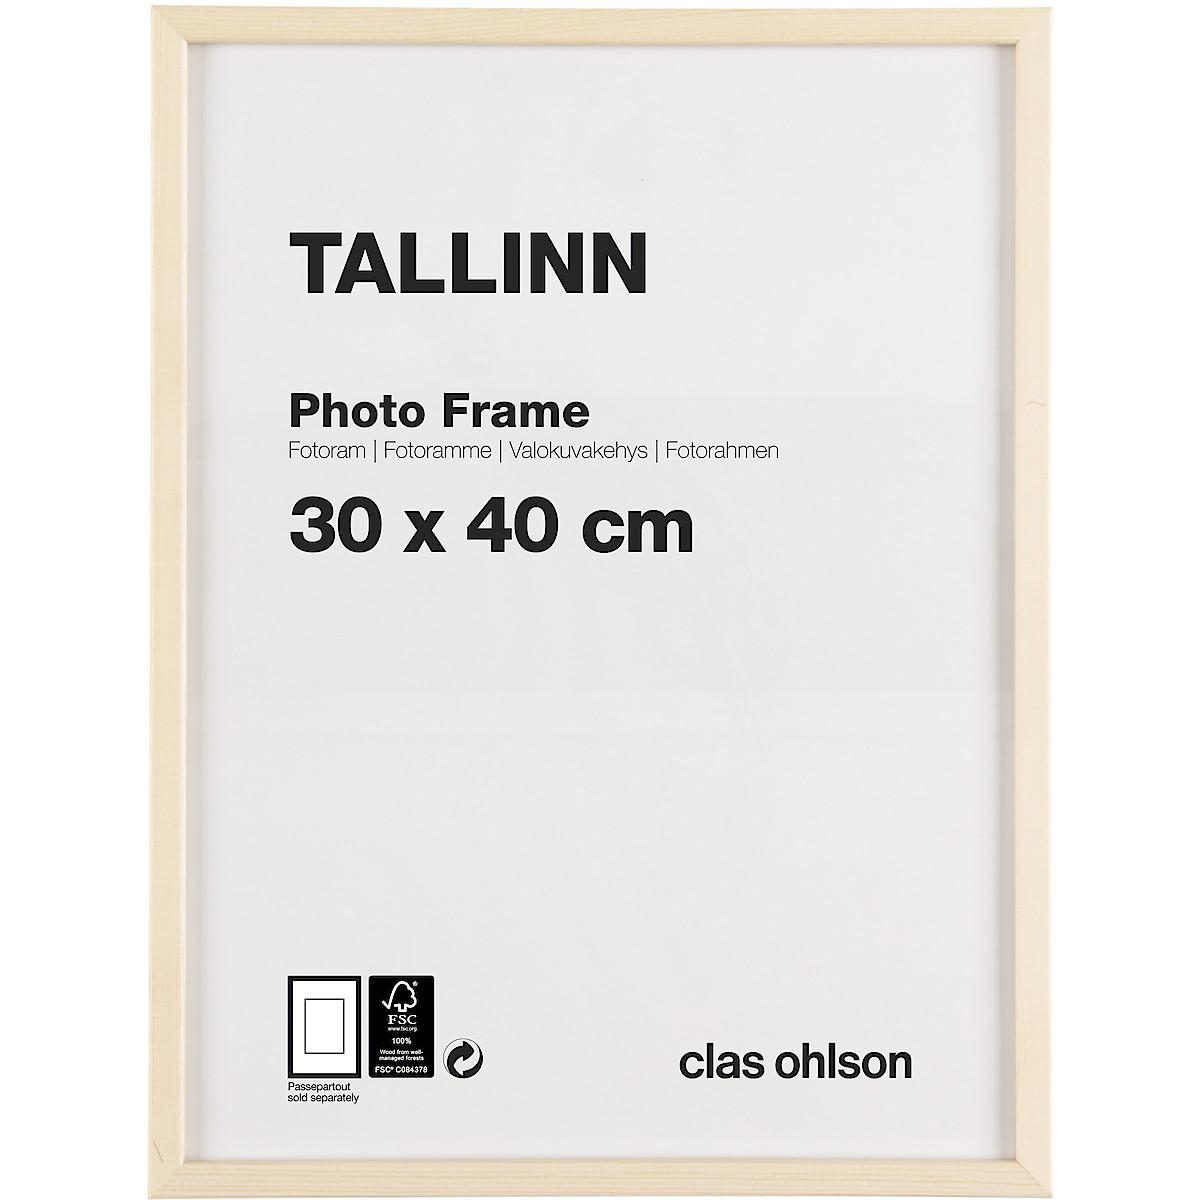 Tallinn Photo Frame Pine